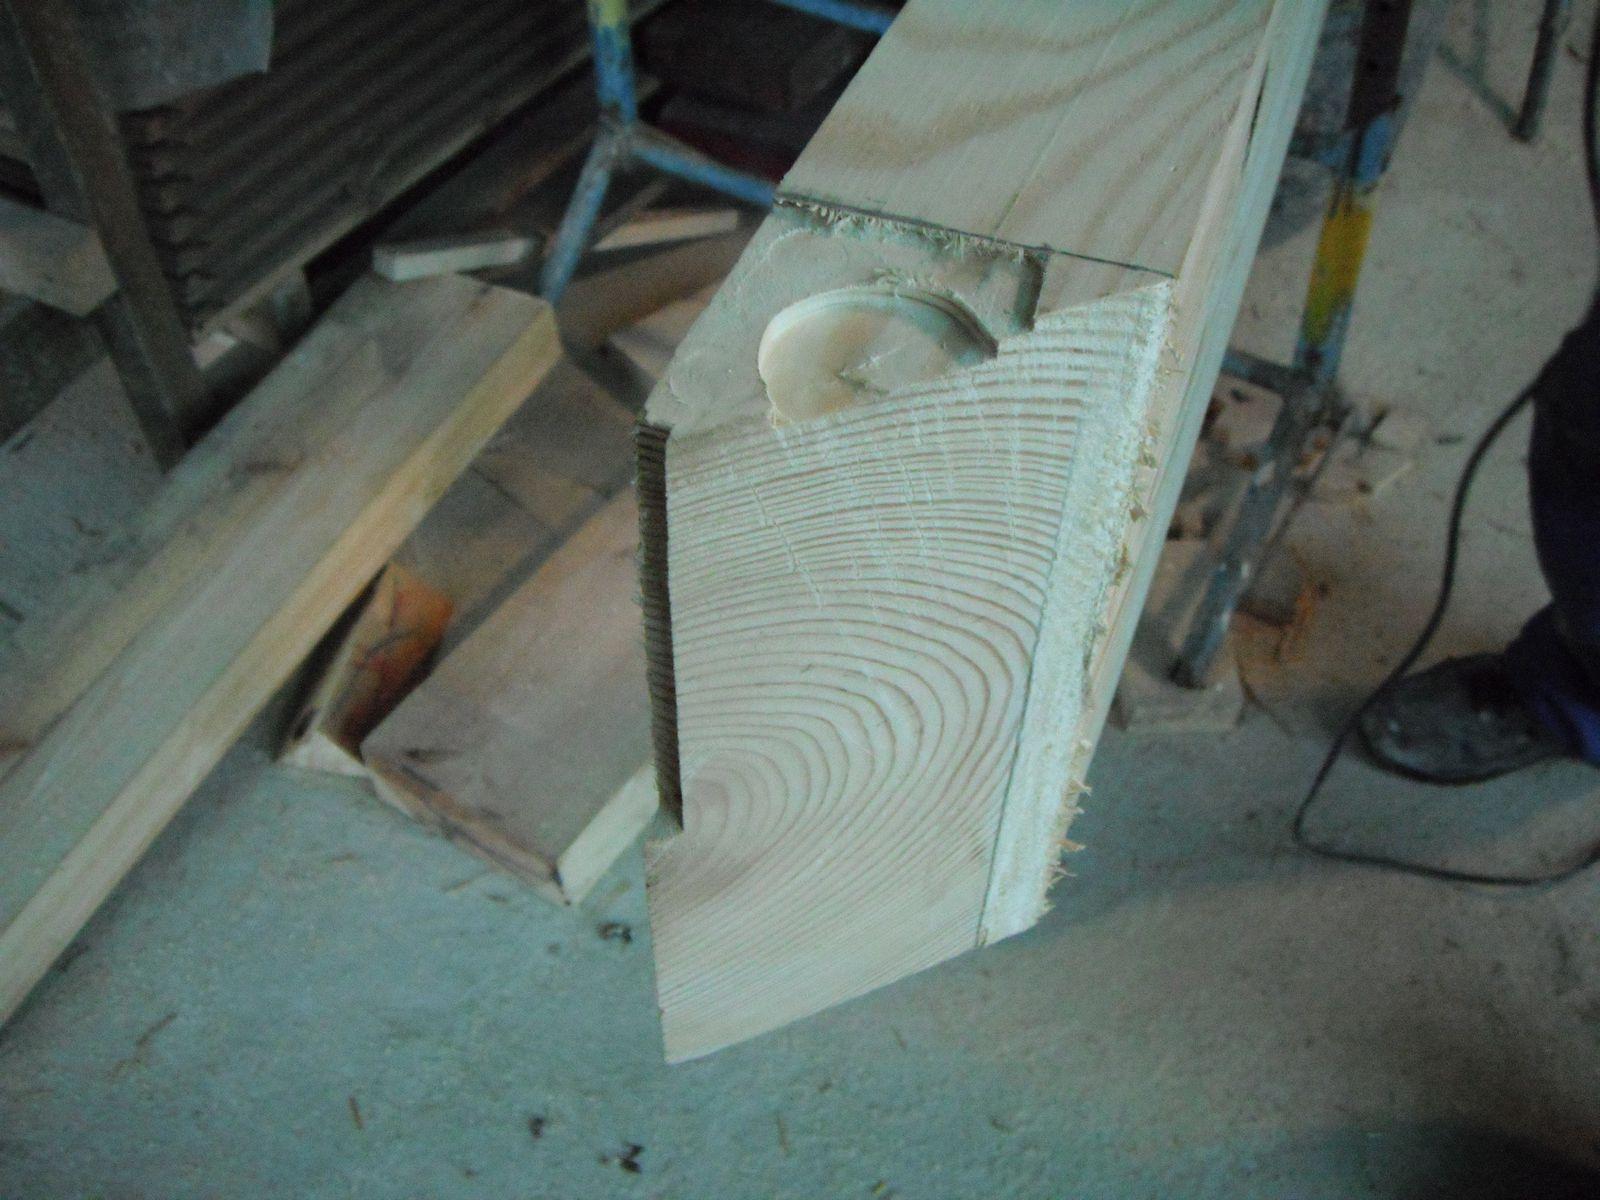 La baie vitr e avanc e suite autoconstruction monceau - Baie vitree pour toiture ...